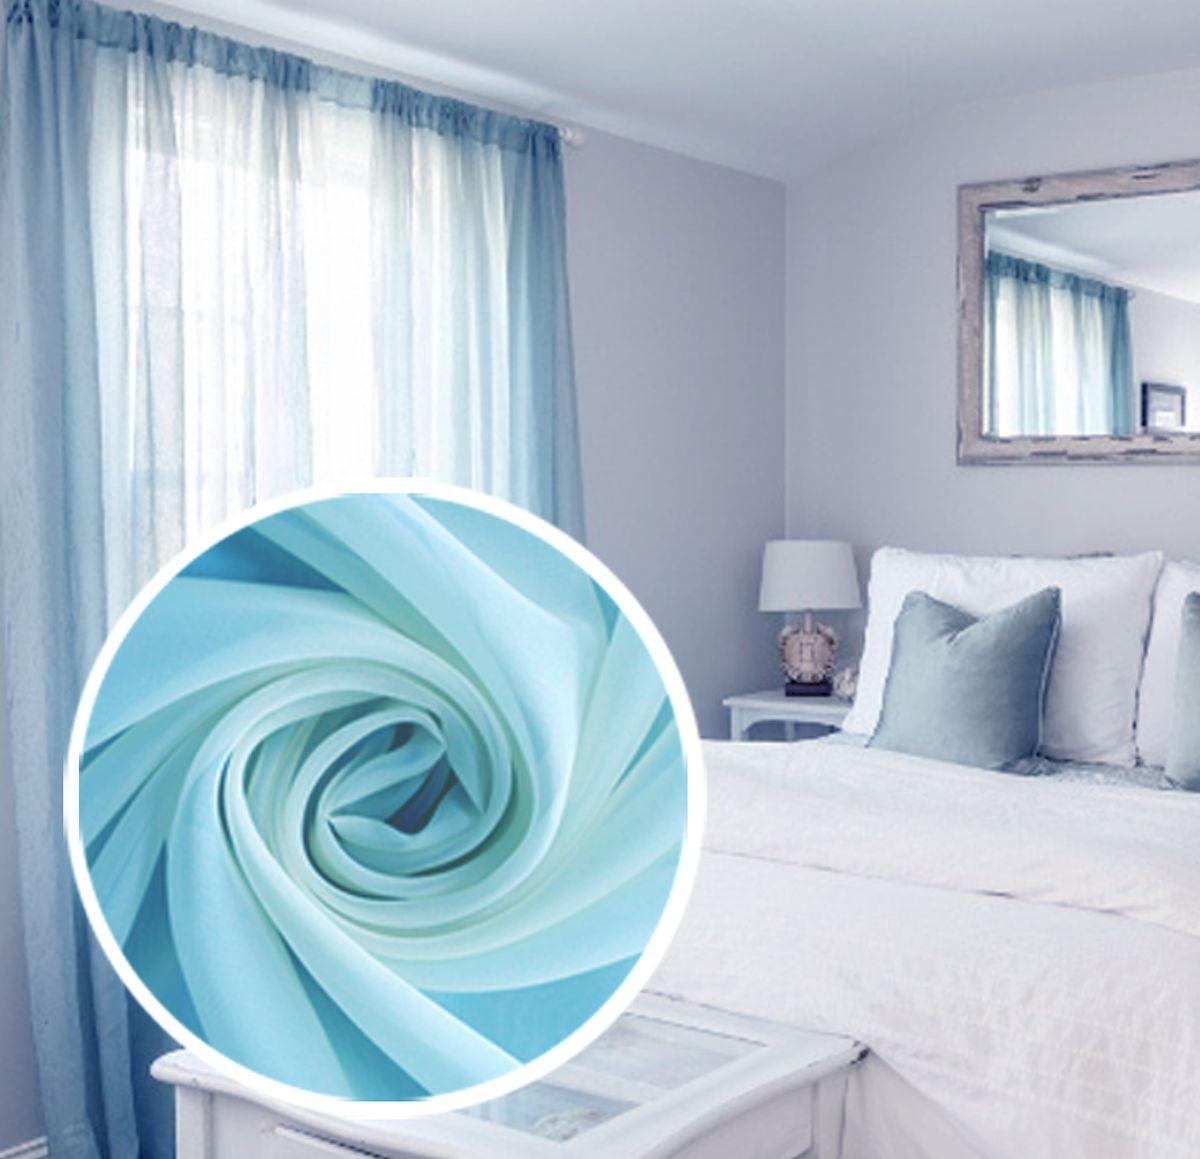 Тюль Amore Mio Однотонная, на ленте, цвет: голубой, высота 270 см77539Тюль Amore Mio нежного цвета в классическом однотонном исполнении изготовлен из 100% полиэстера. Воздушная ткань привлечет к себе внимание и идеально оформит интерьер любого помещения. Полиэстер - вид ткани, состоящий из полиэфирных волокон. Ткани из полиэстера легкие, прочные и износостойкие. Такие изделия не требуют специального ухода, не пылятся и почти не мнутся. Крепление к карнизу осуществляется при помощи вшитой шторной ленты.